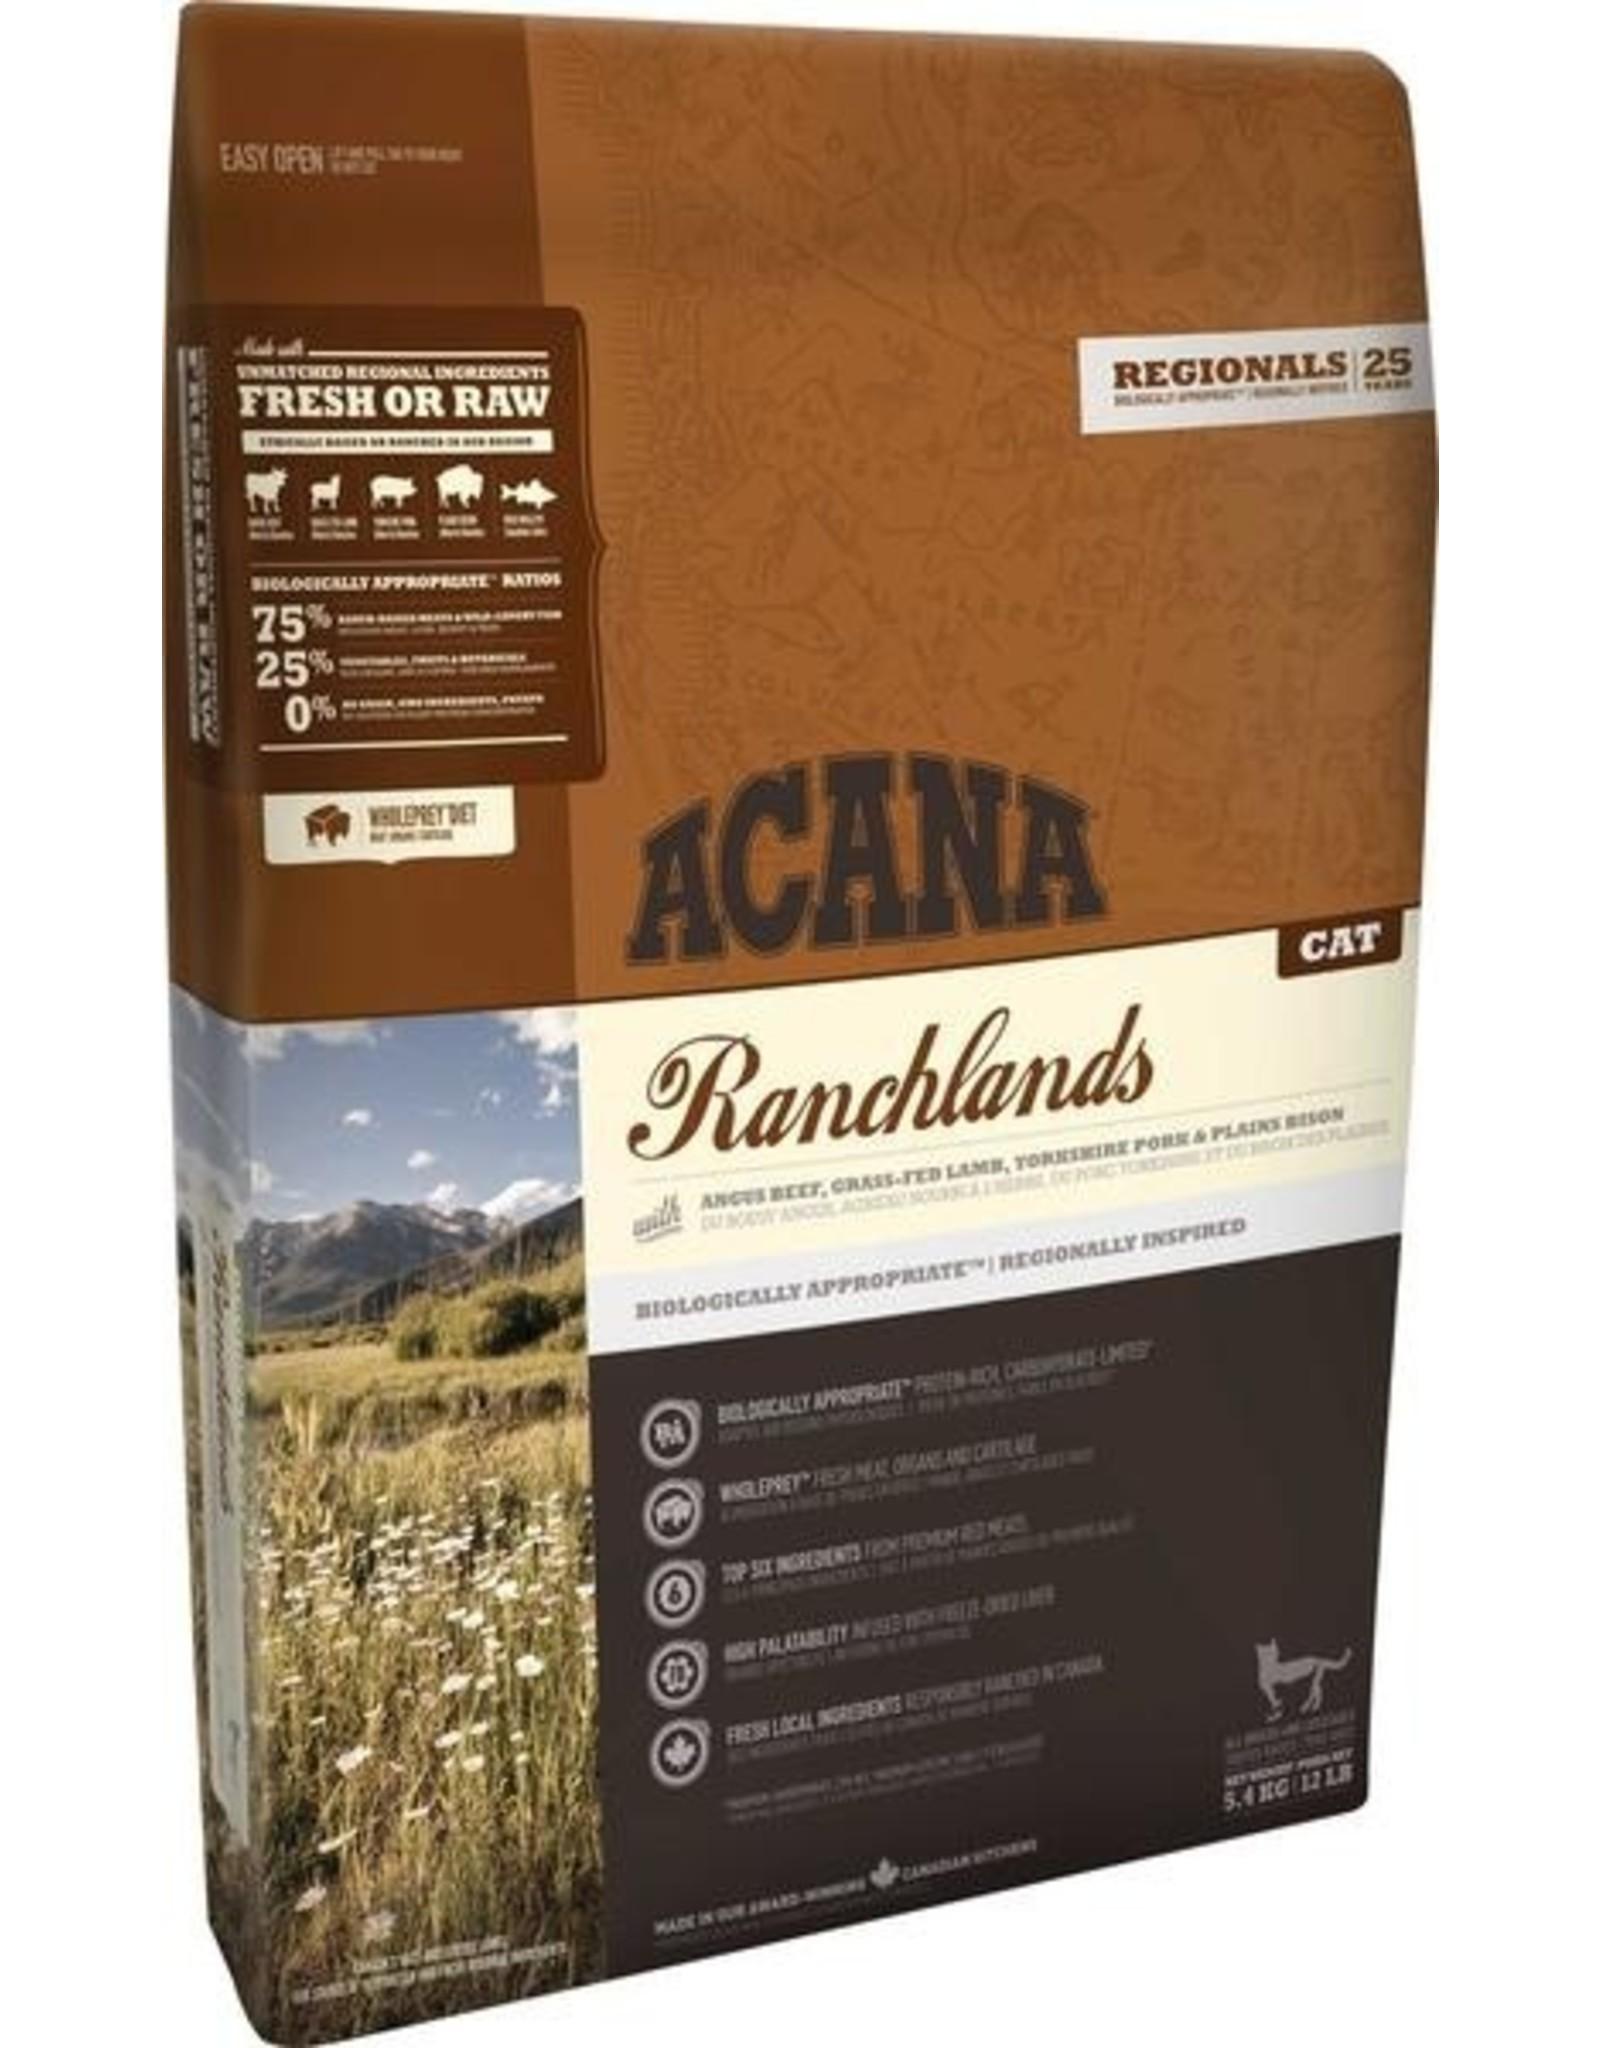 ACANA Acana CAT Regionals - Ranchlands 5.4kg